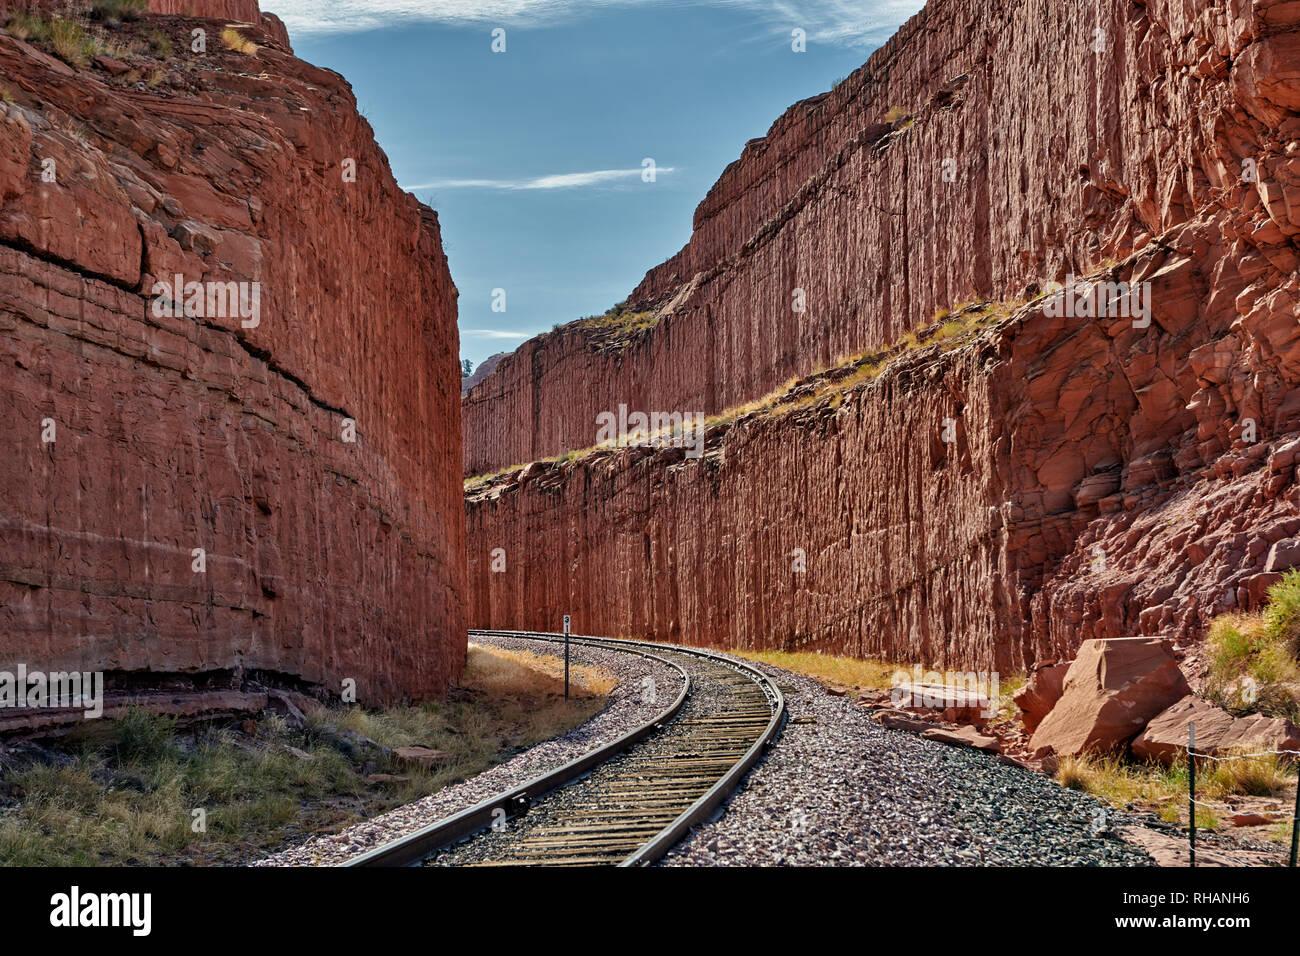 Stazione ferroviaria vicino arco di corona, Moab, Utah, USA, America del Nord Immagini Stock